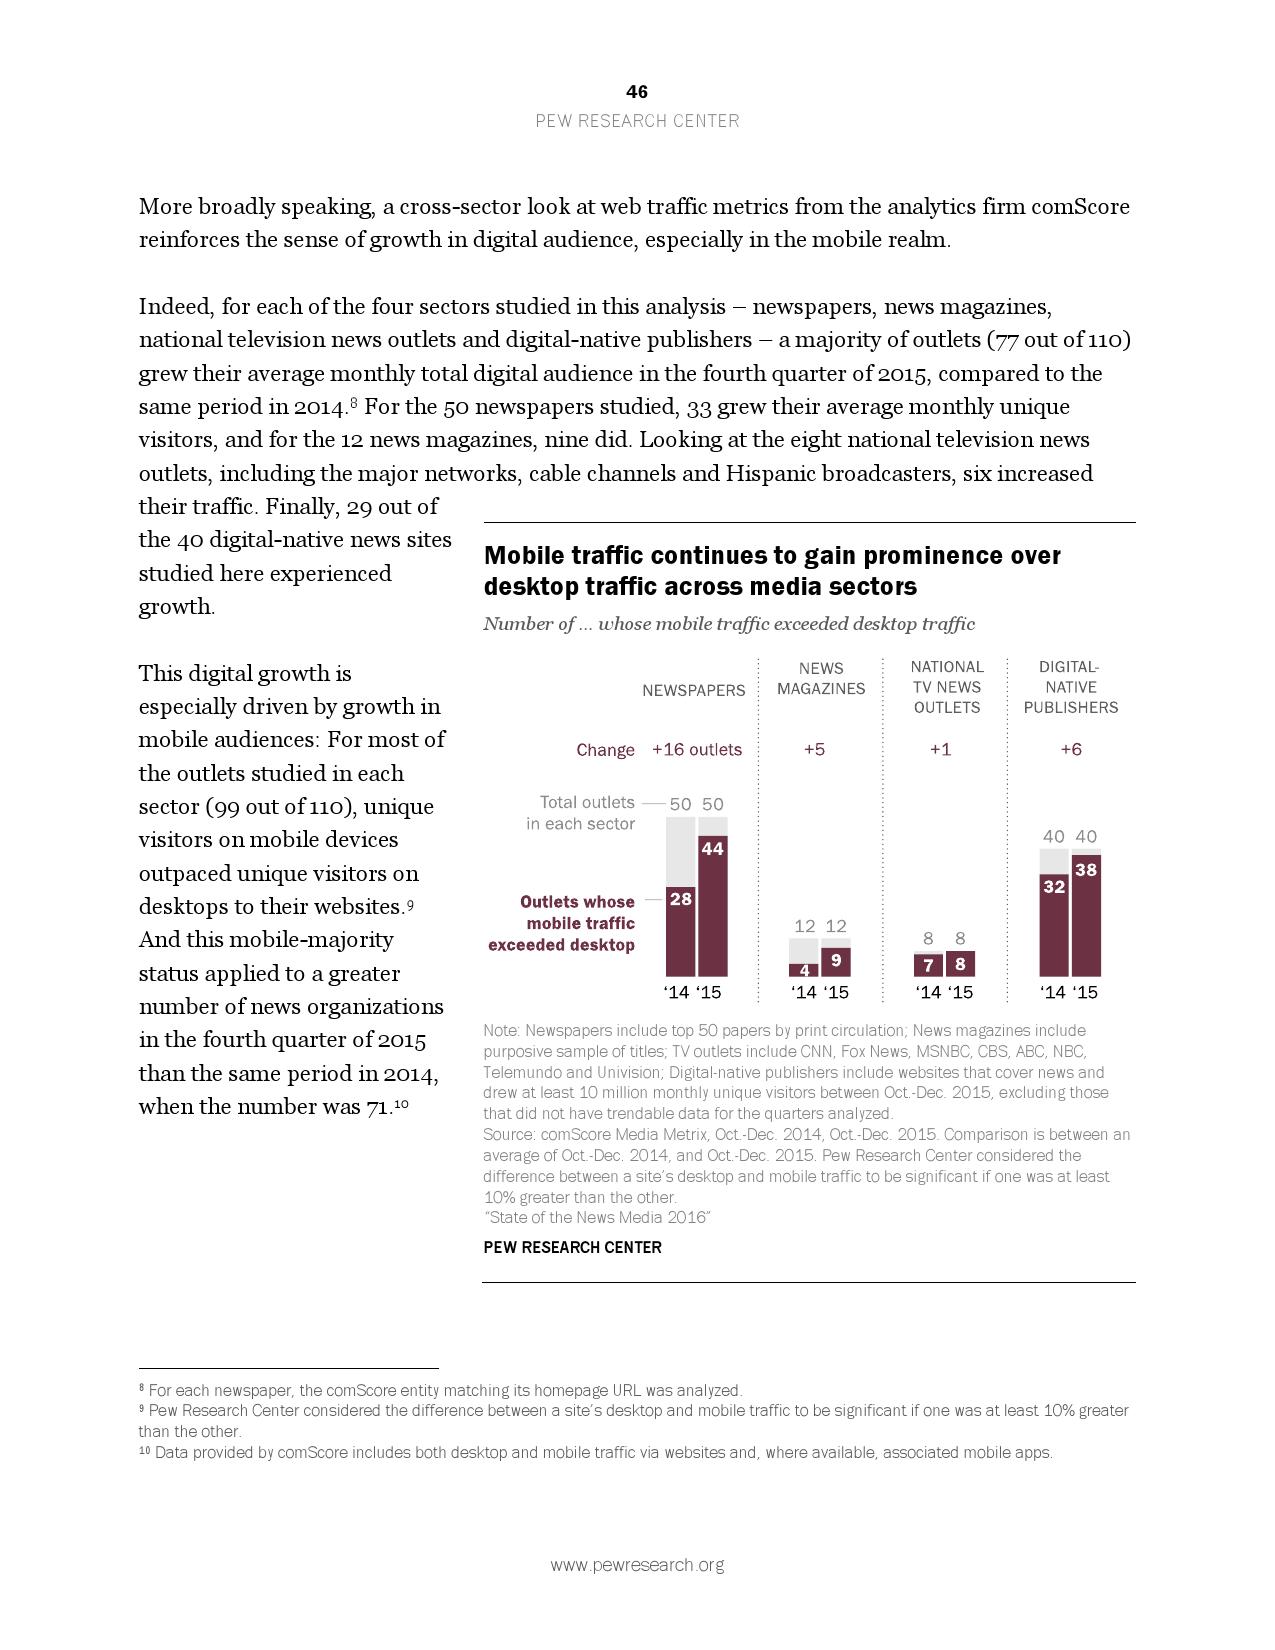 2016美国新媒体研究报告_000046